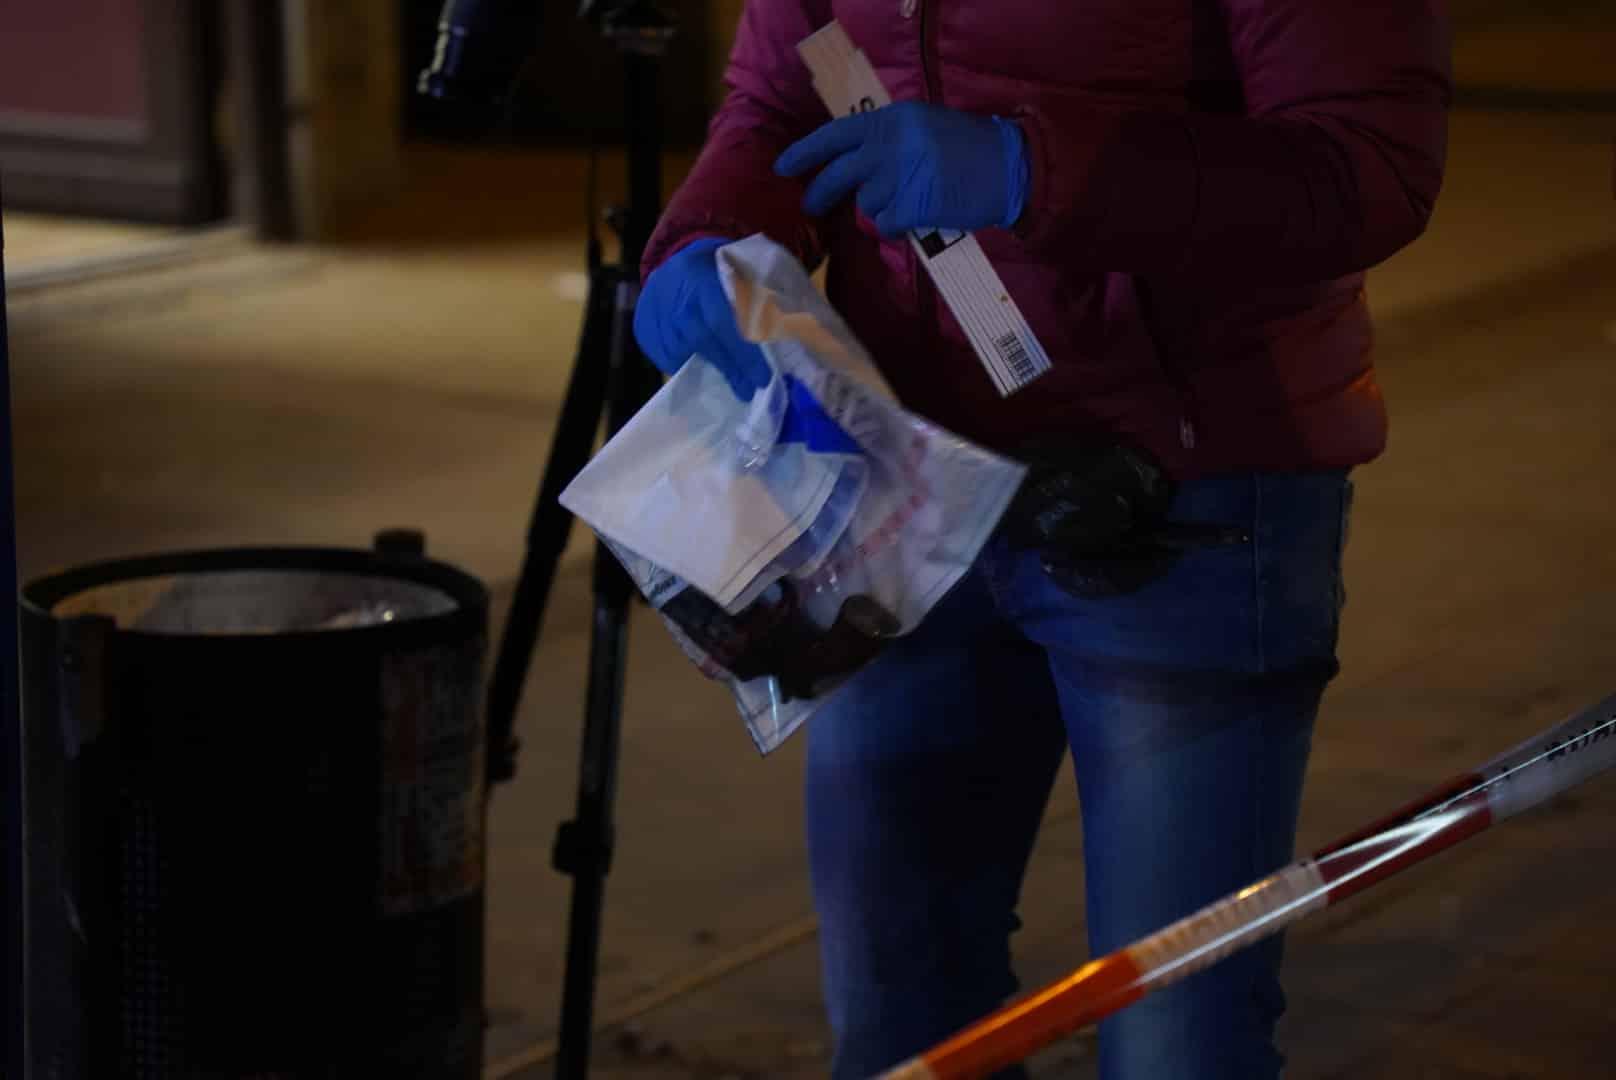 Beamte finden gegen 20 Uhr einen Revolver im Mülleimer. Foto: Tom Richter